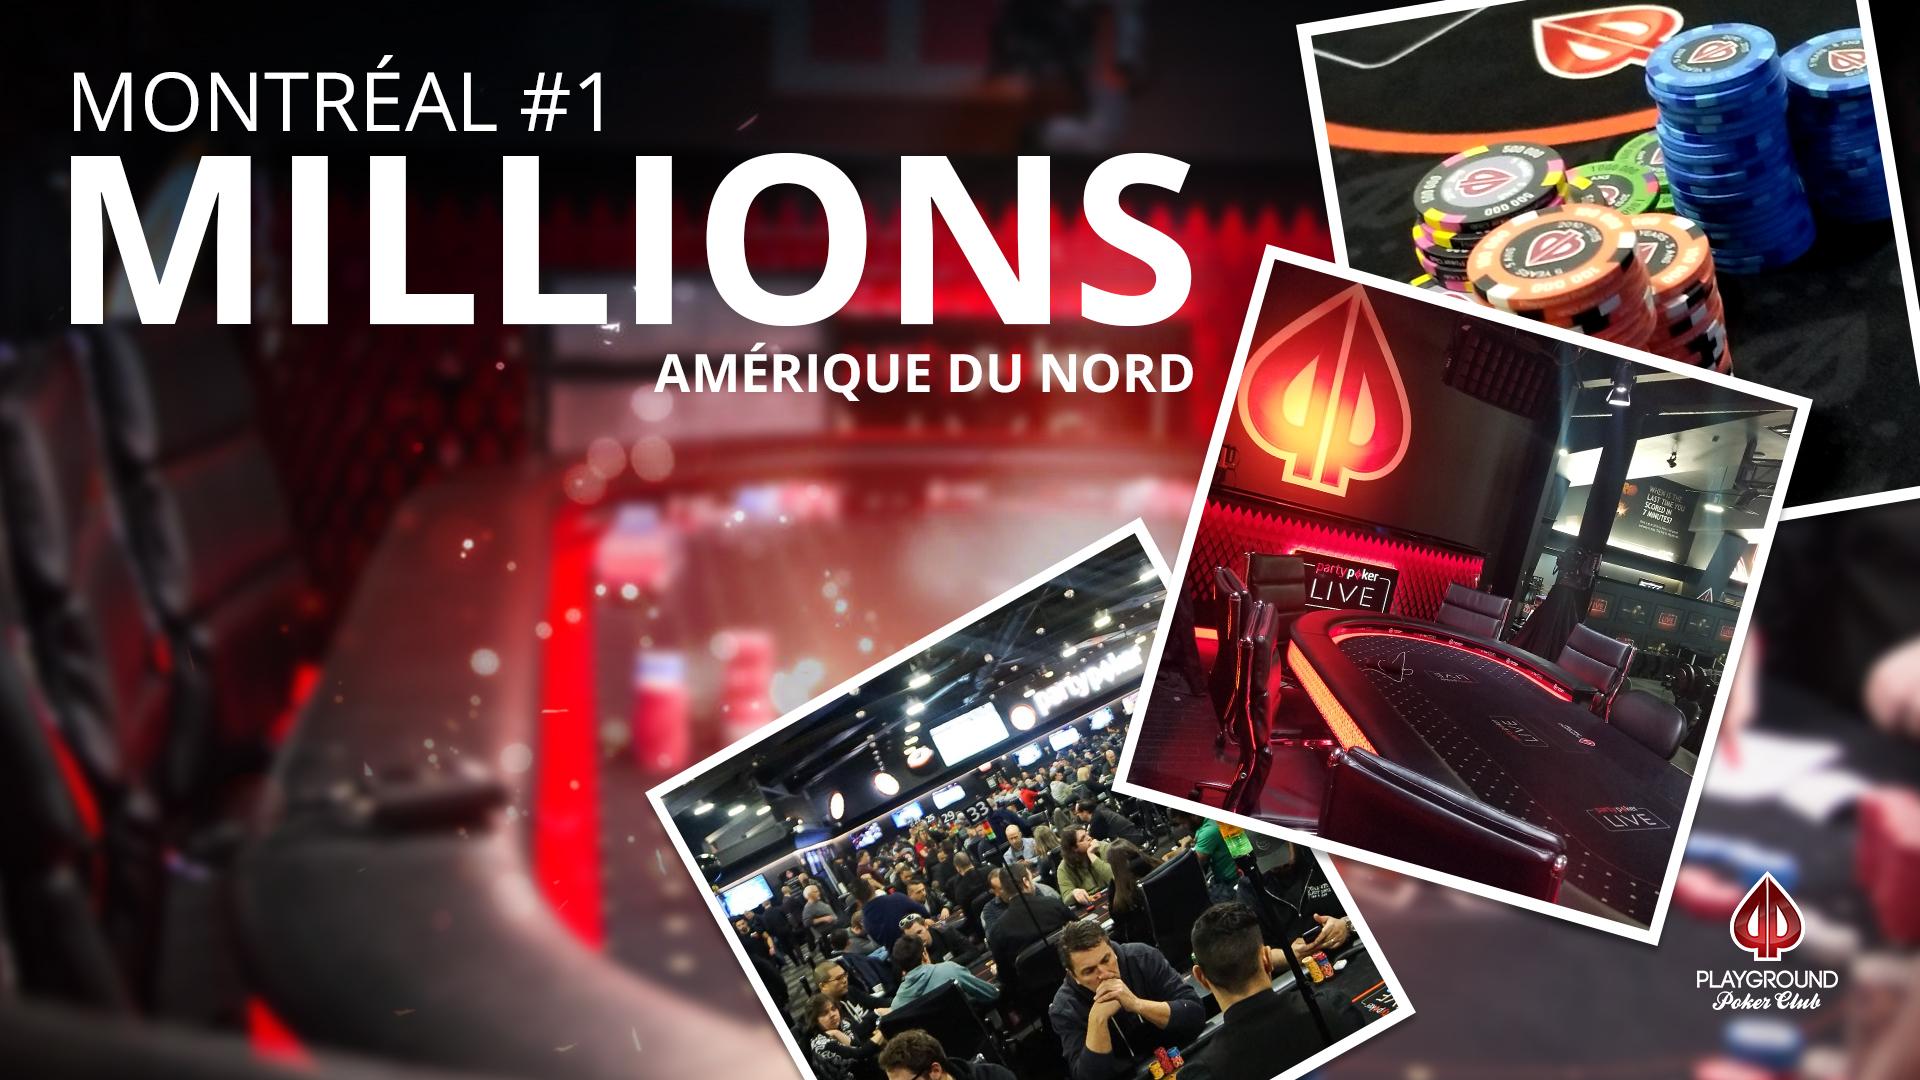 Top 10 raisons de voyager à Montréal pour le MILLIONS Amérique du Nord – première place!